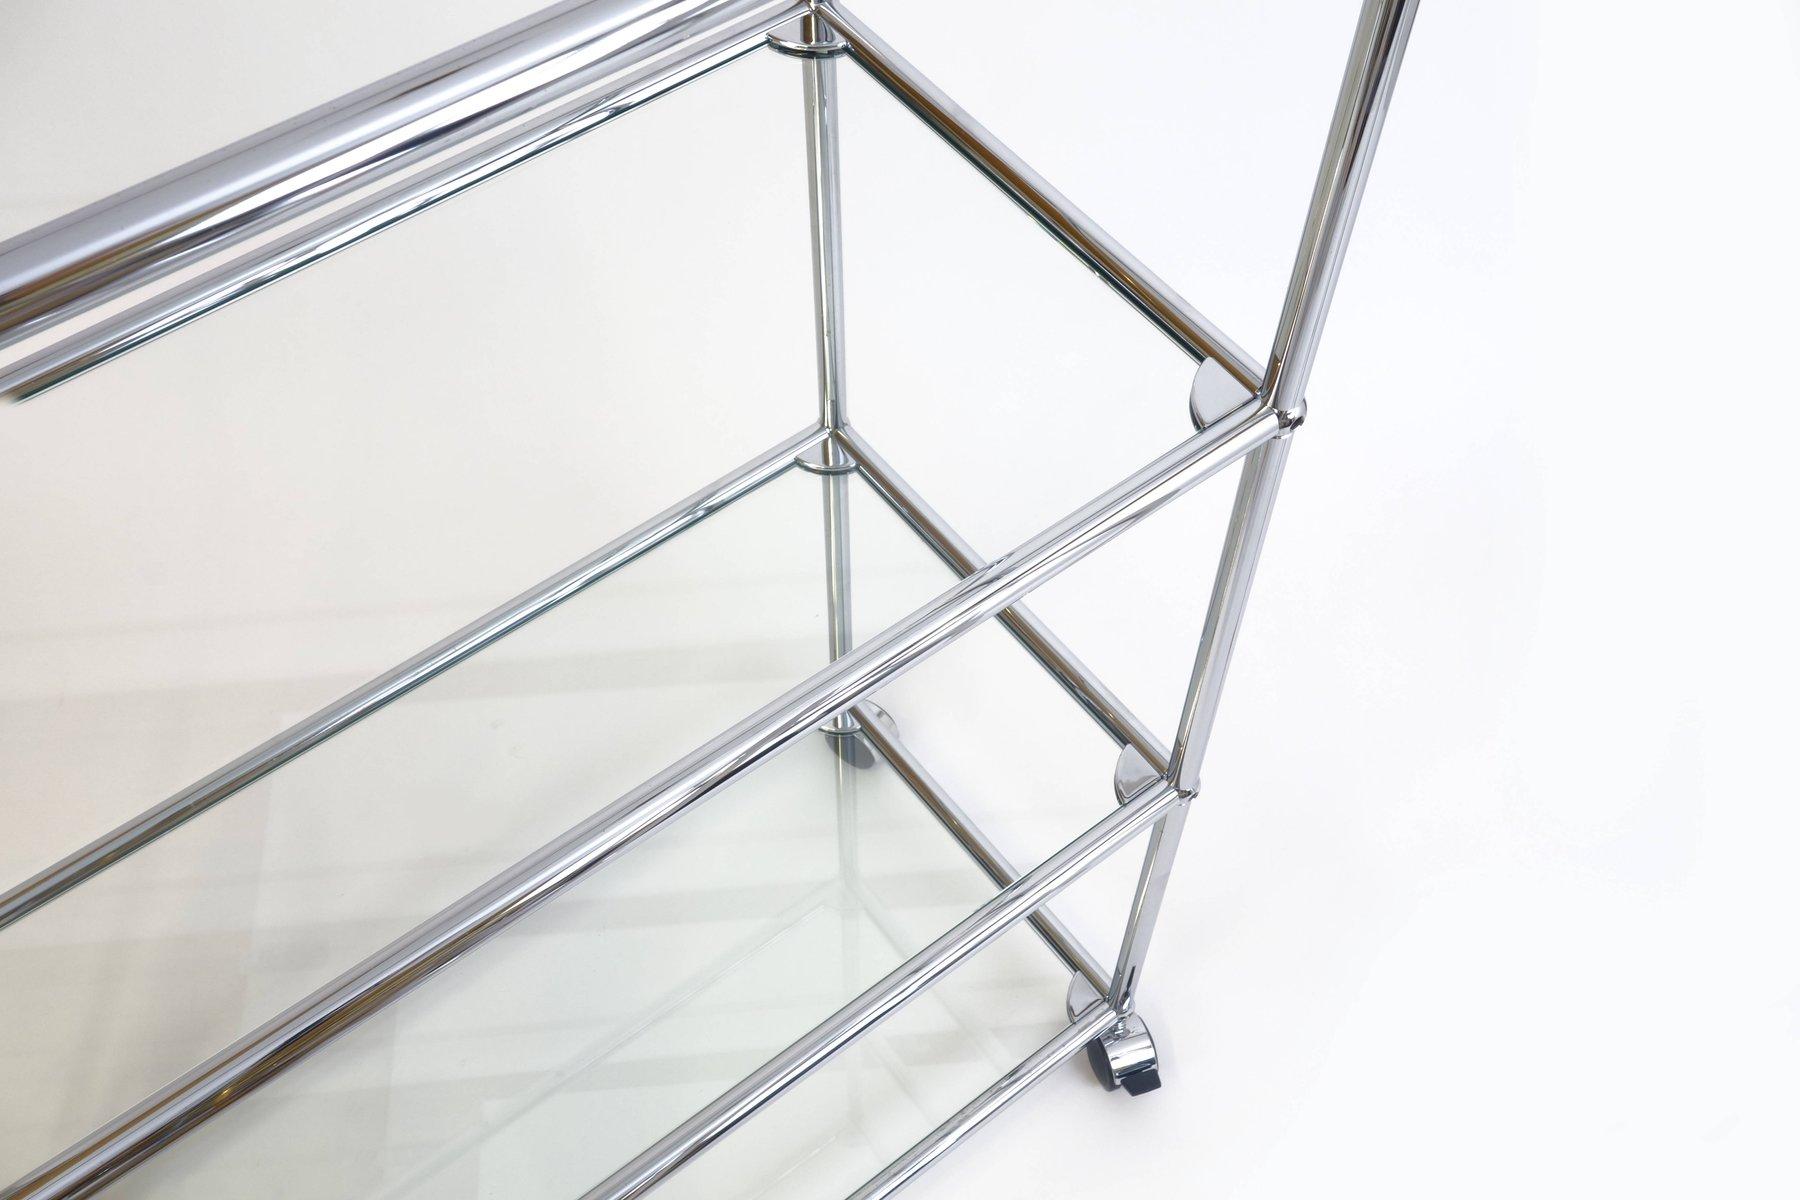 regalsystem aus glas von fritz haller f r usm haller 1985 bei pamono kaufen. Black Bedroom Furniture Sets. Home Design Ideas